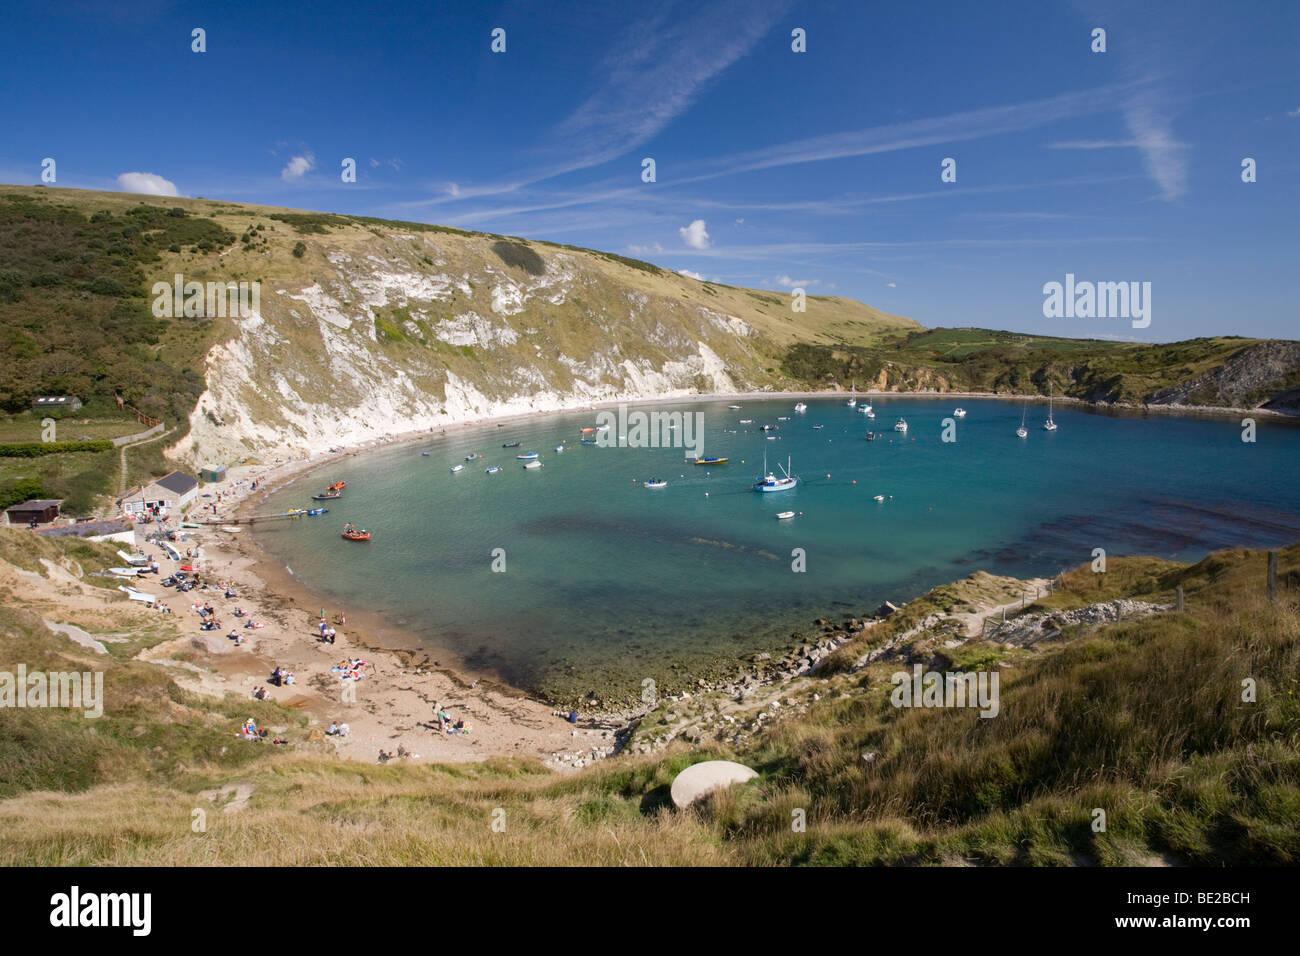 Lulworth Cove, Dorset, Jurassic Coast World Heritage Site, England, UK - Stock Image